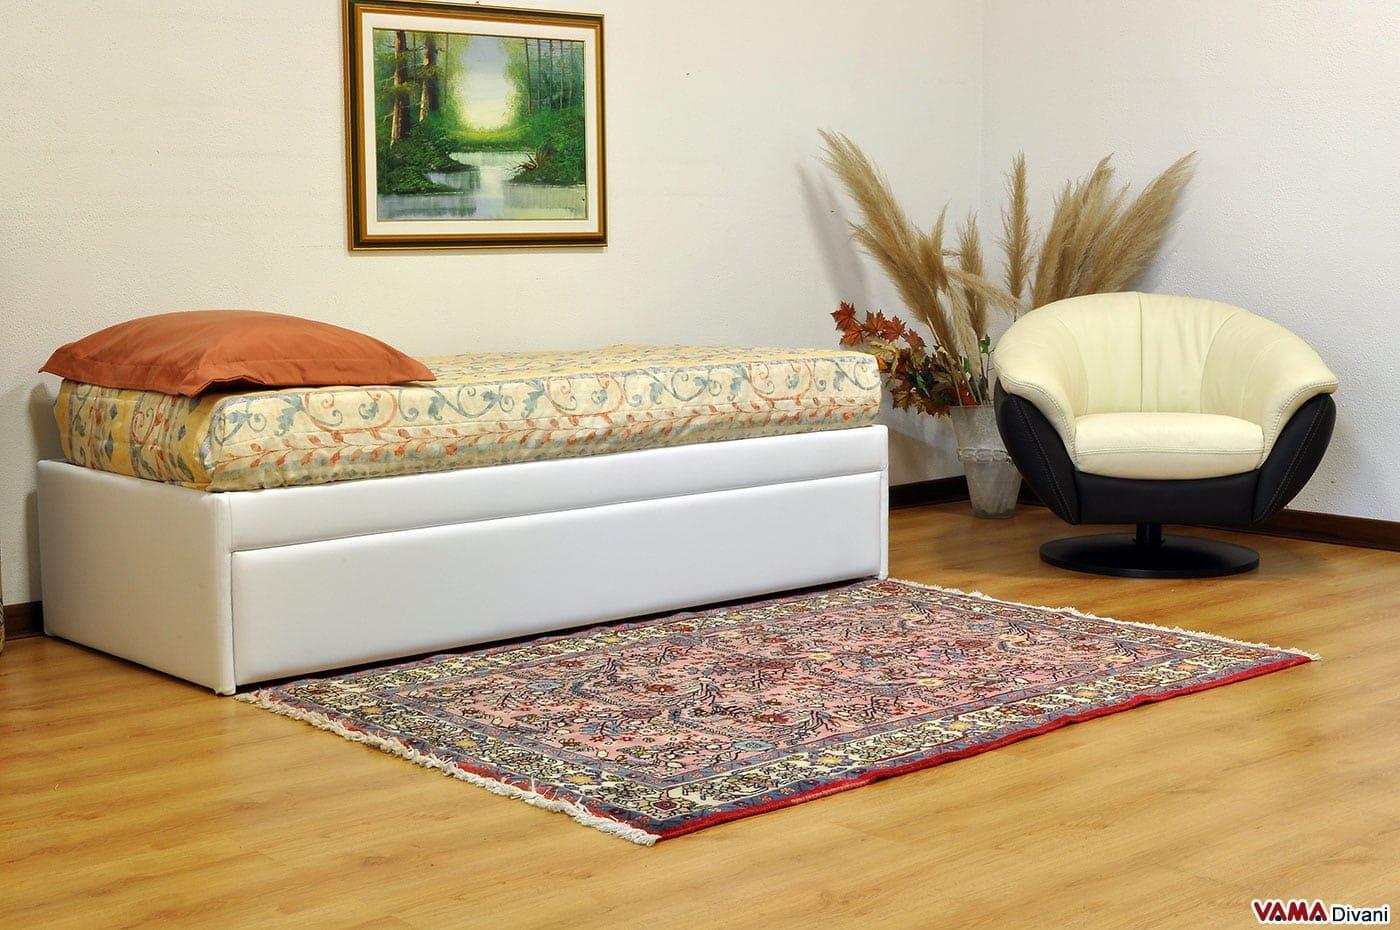 Letto singolo con letto estraibile con materassi alti 20 cm - Letto con letto estraibile ...